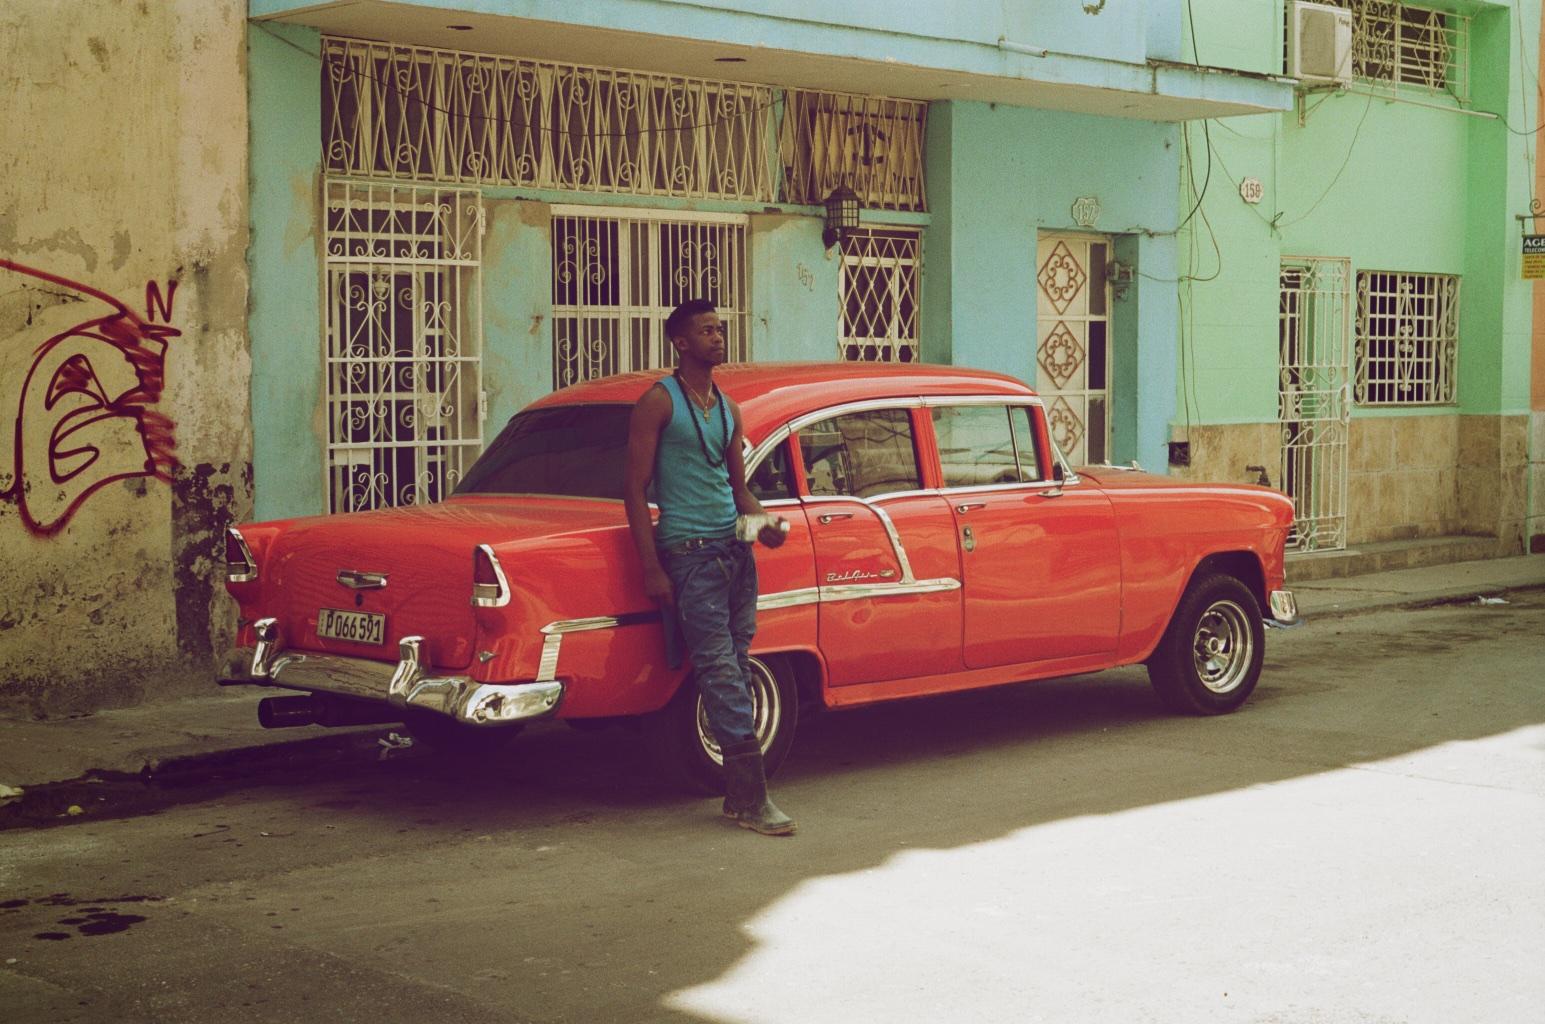 035_CubaRedCar.jpg